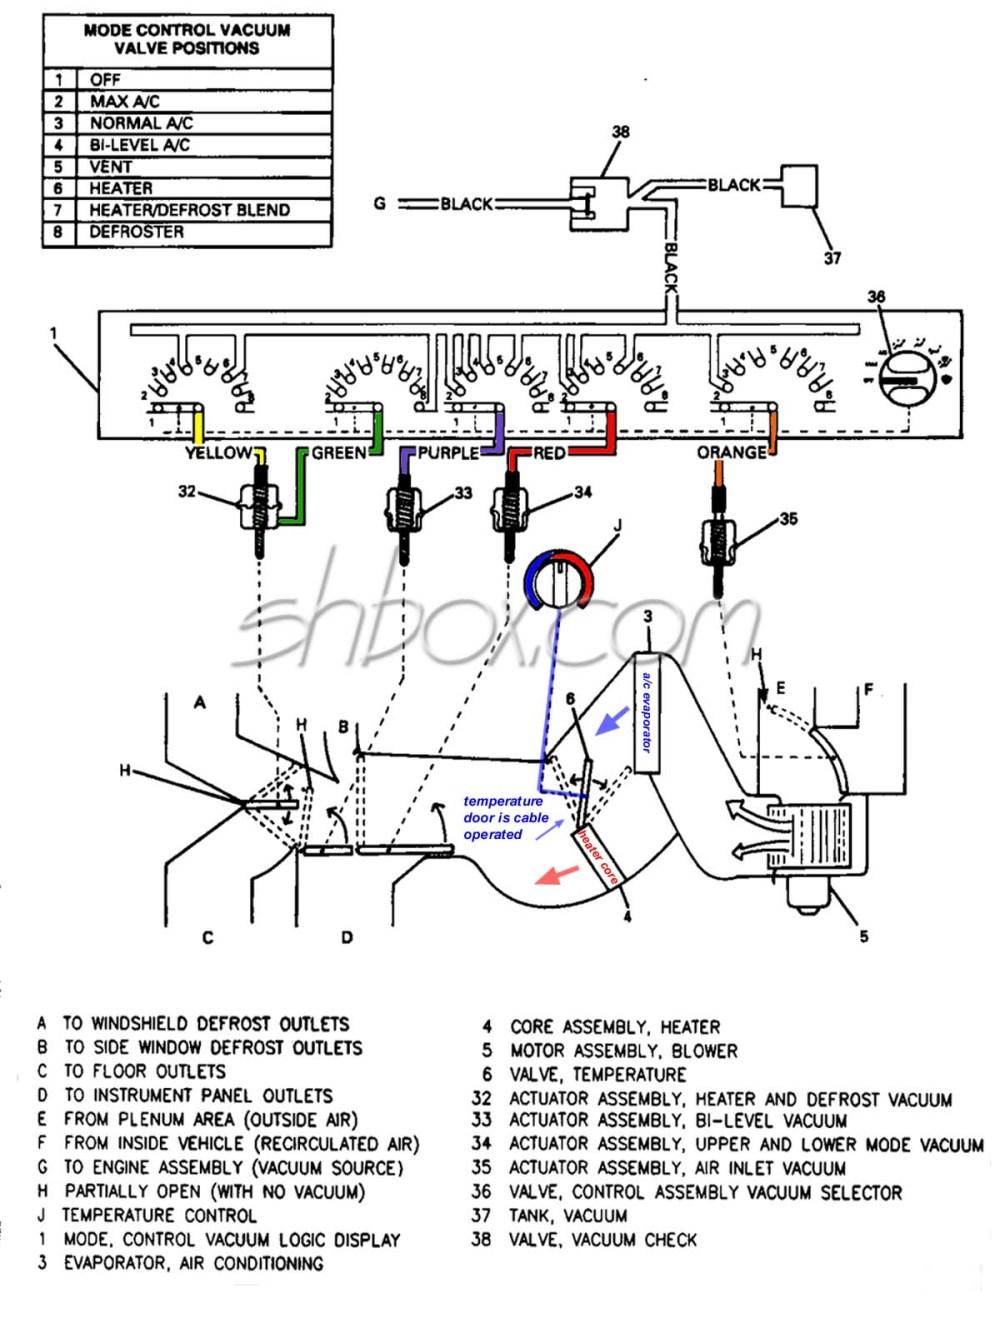 medium resolution of vacuum diagram 96 fleetwood